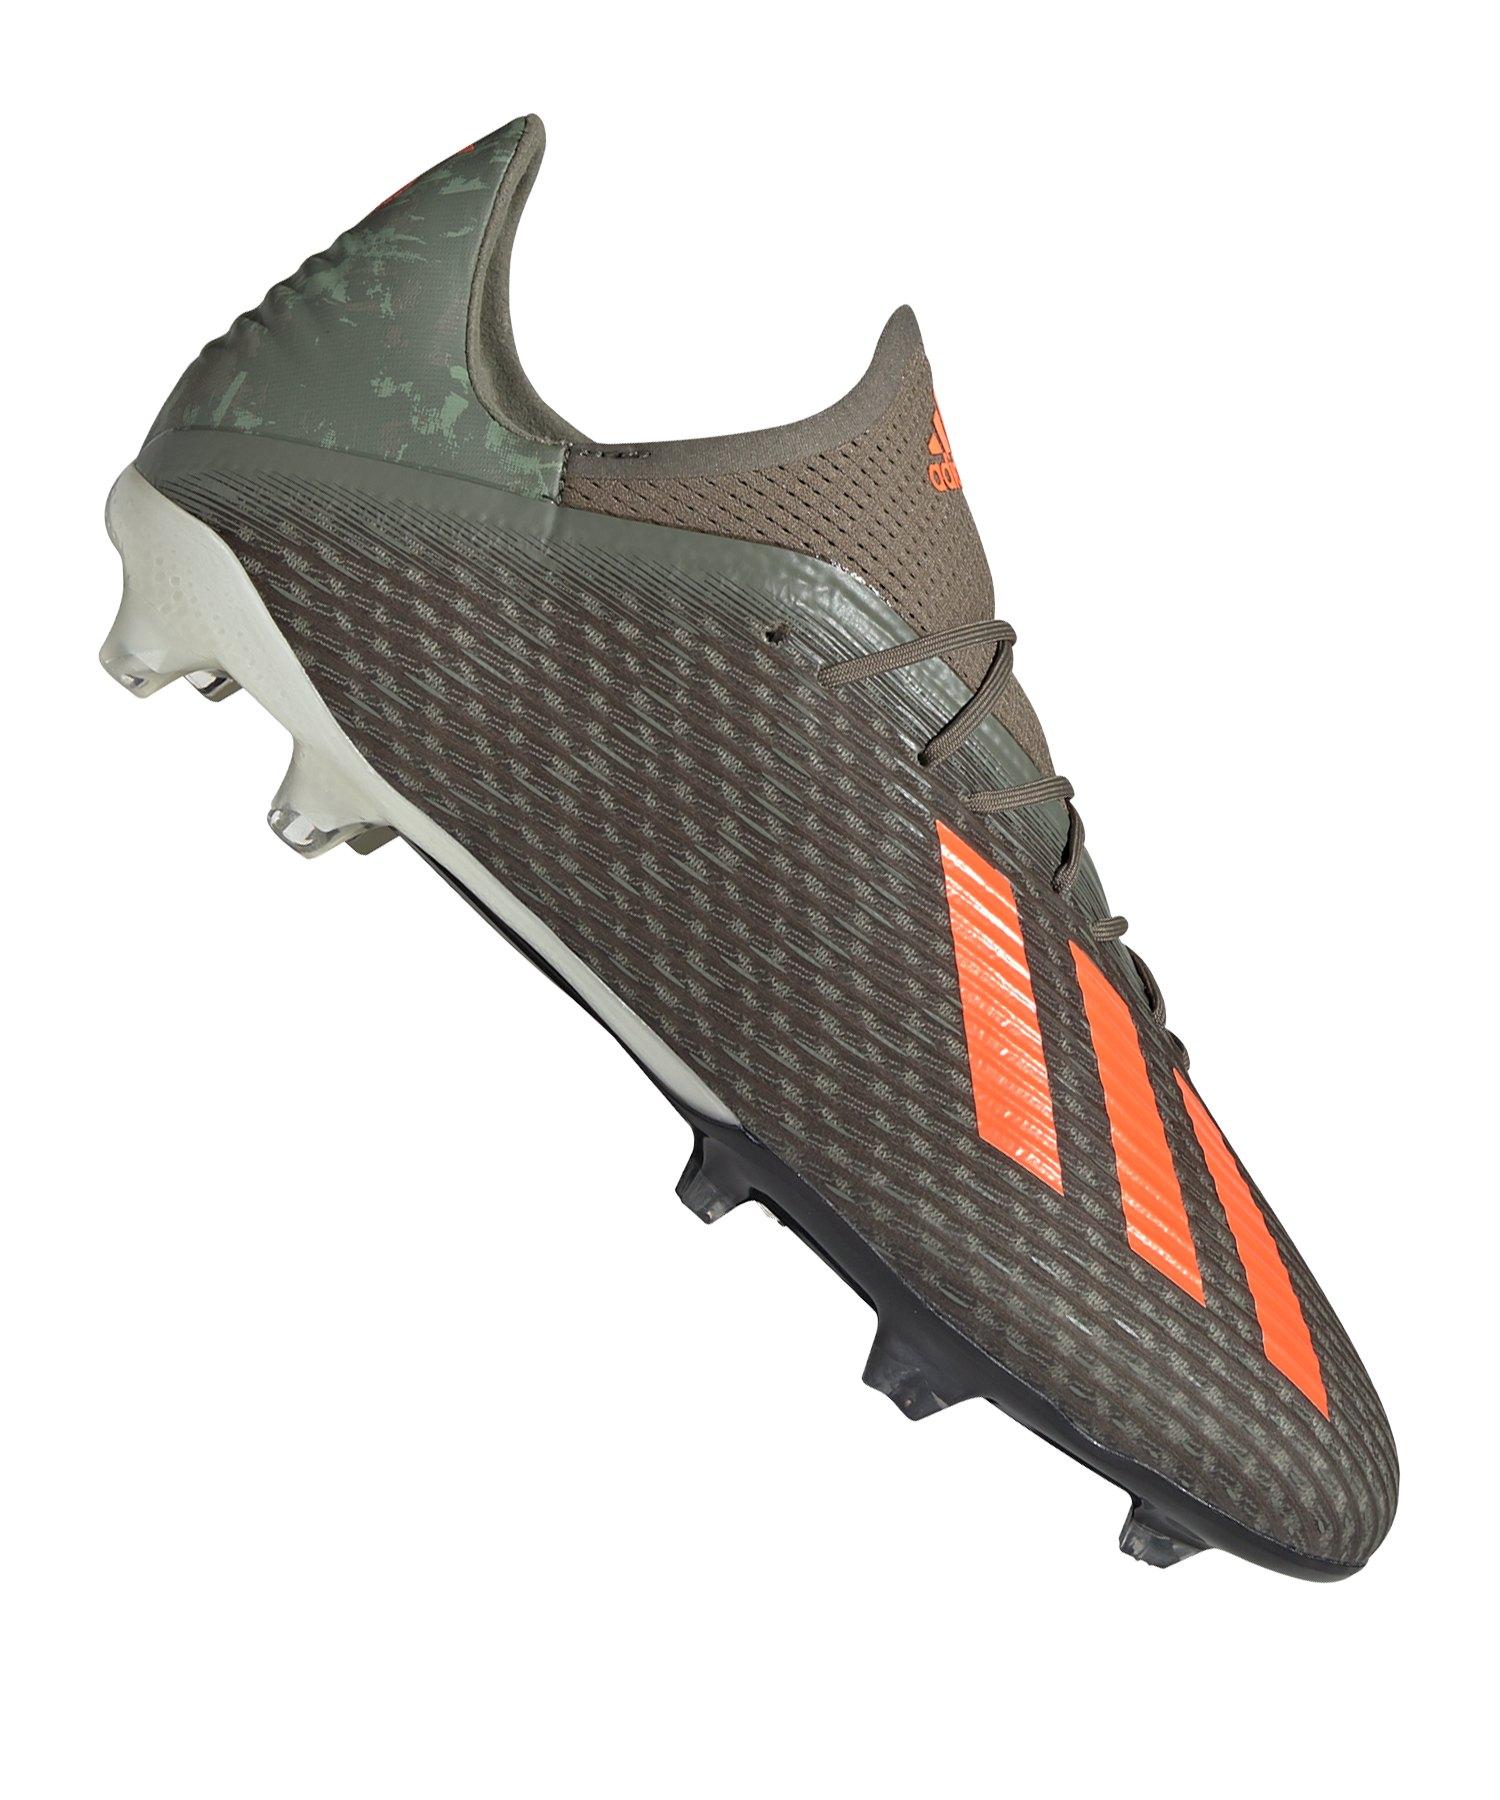 adidas Fußballschuh X 19.2 FG olivegrünorange